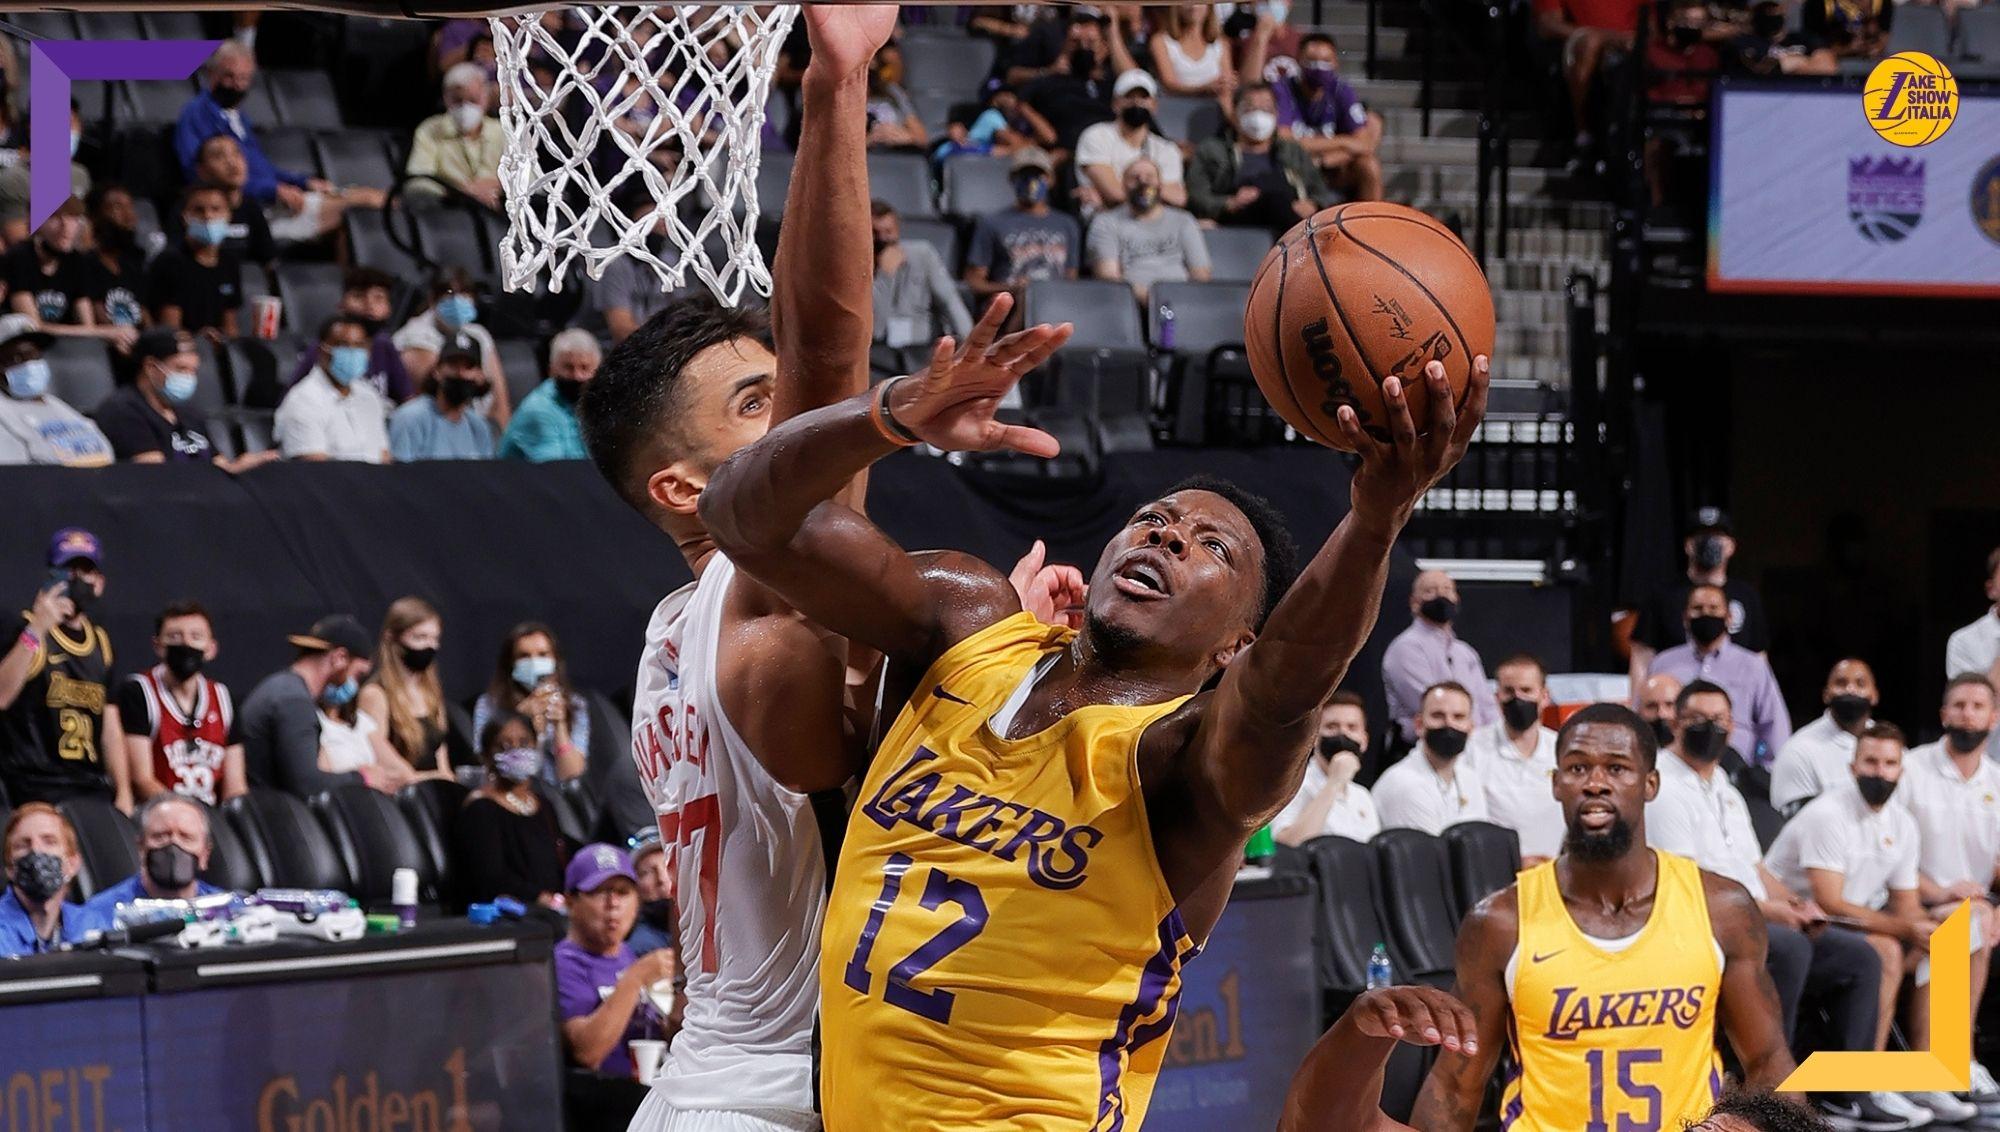 Los Angeles Lakers sconfitti in volata dai Miami Heat all'esordio nella California Classic Summer League di Sacramento. Yurtseven dominante.